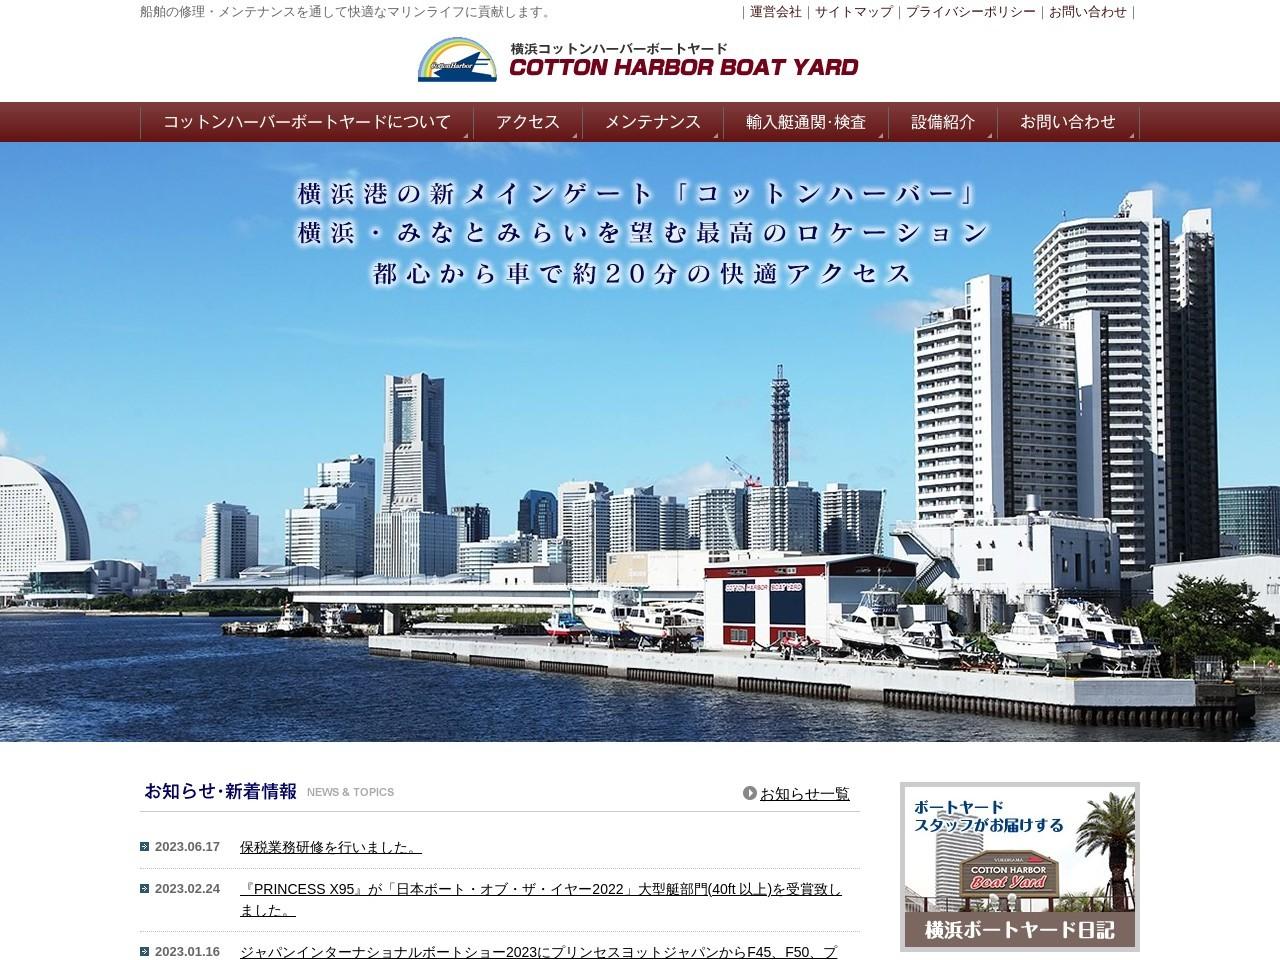 横浜コットンハーバーボートヤード